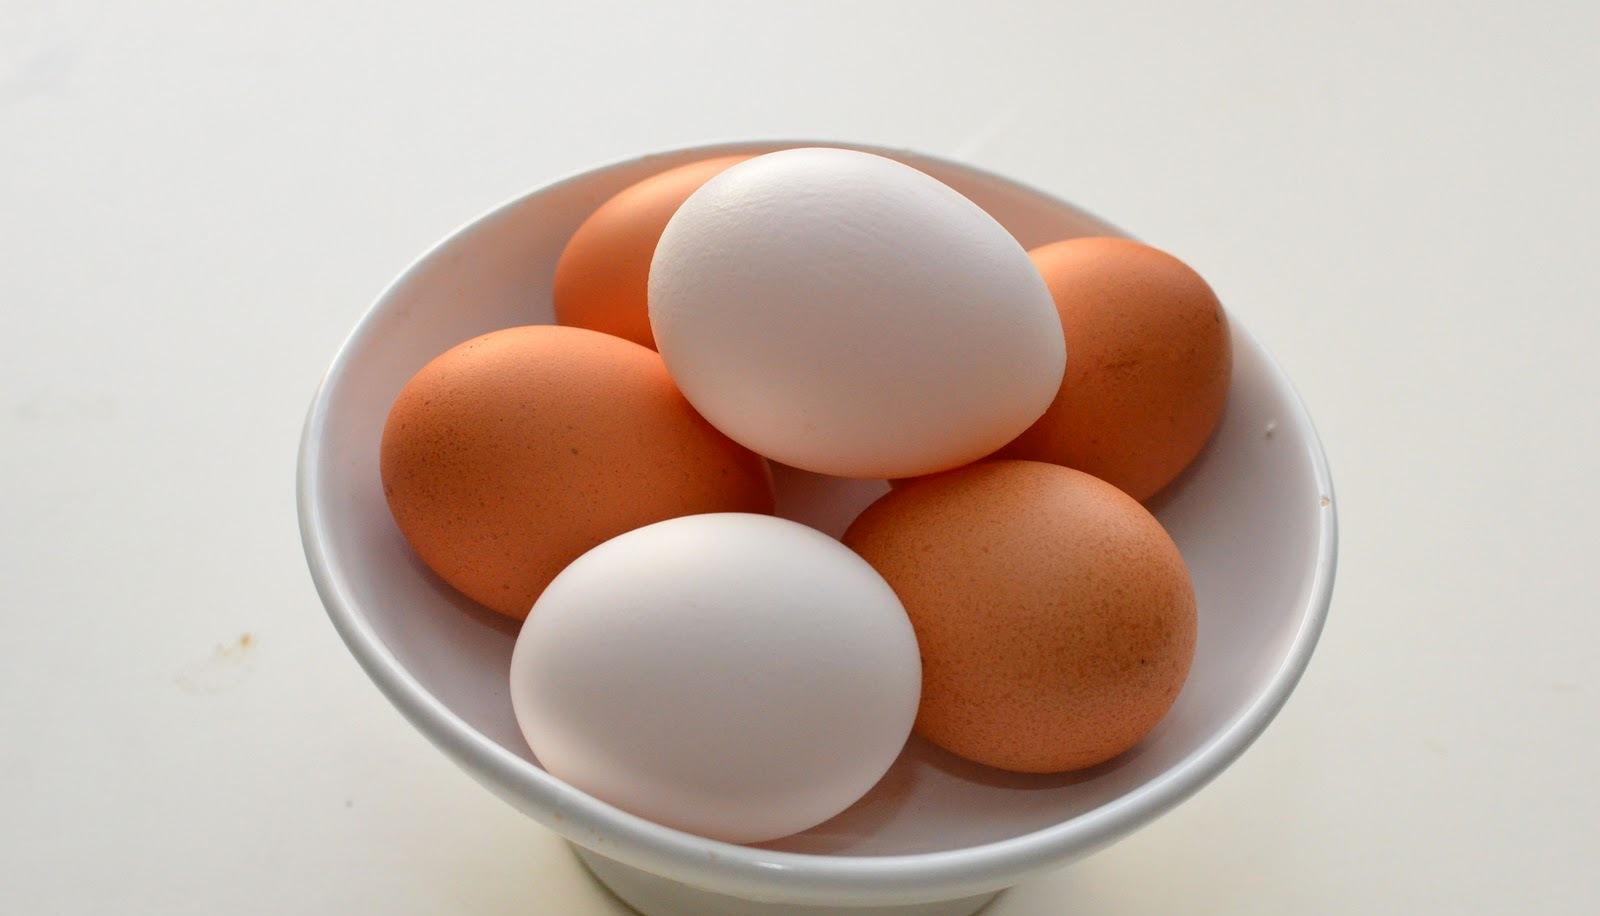 Яйцо картинки для детей